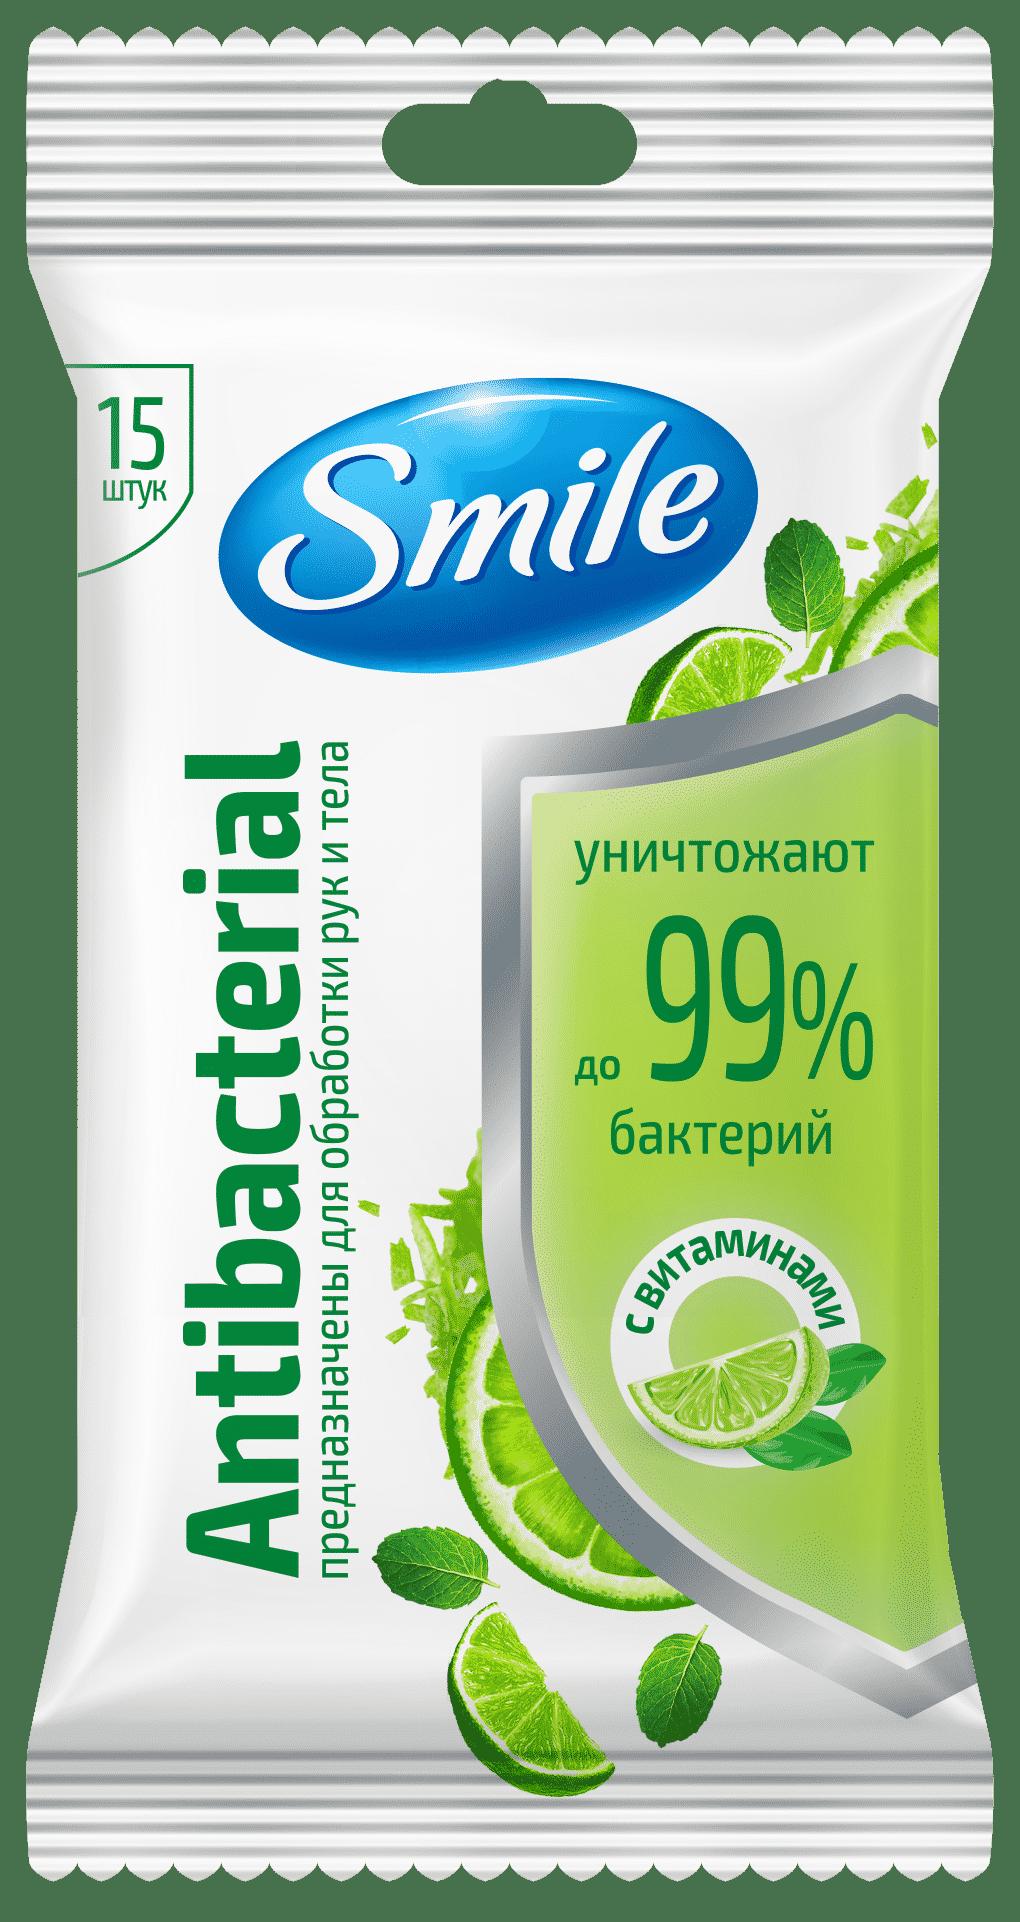 SMILE Серветка волога Antibacterial Лайм-м'ята з вітамінами, 15шт.